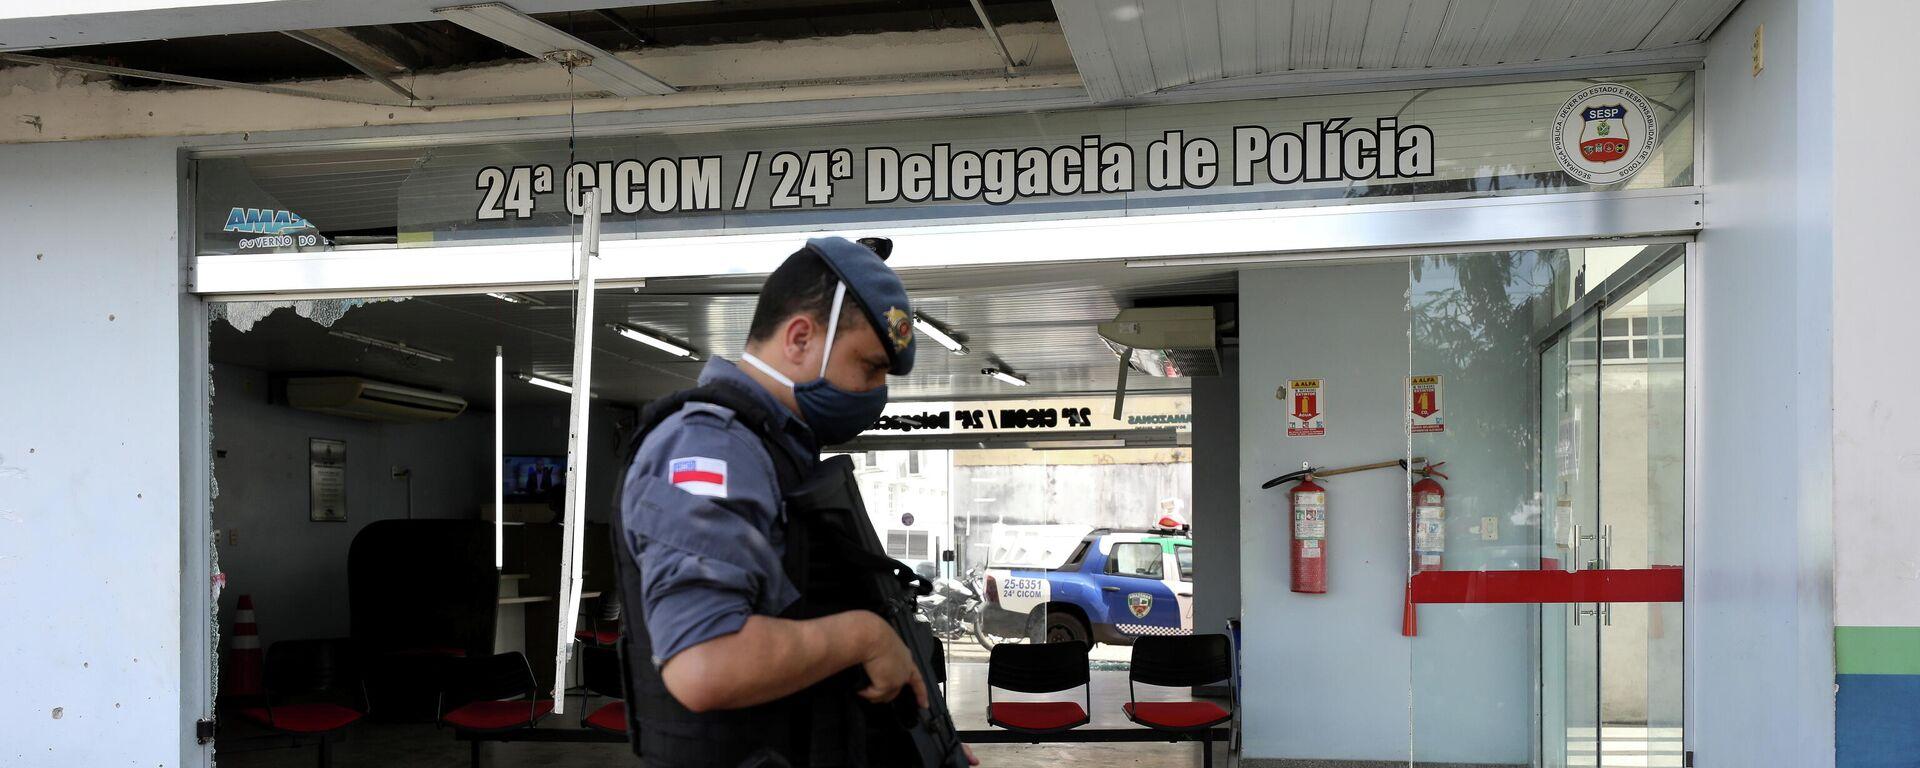 Ein brasilianischer Polizist  - SNA, 1920, 13.06.2021